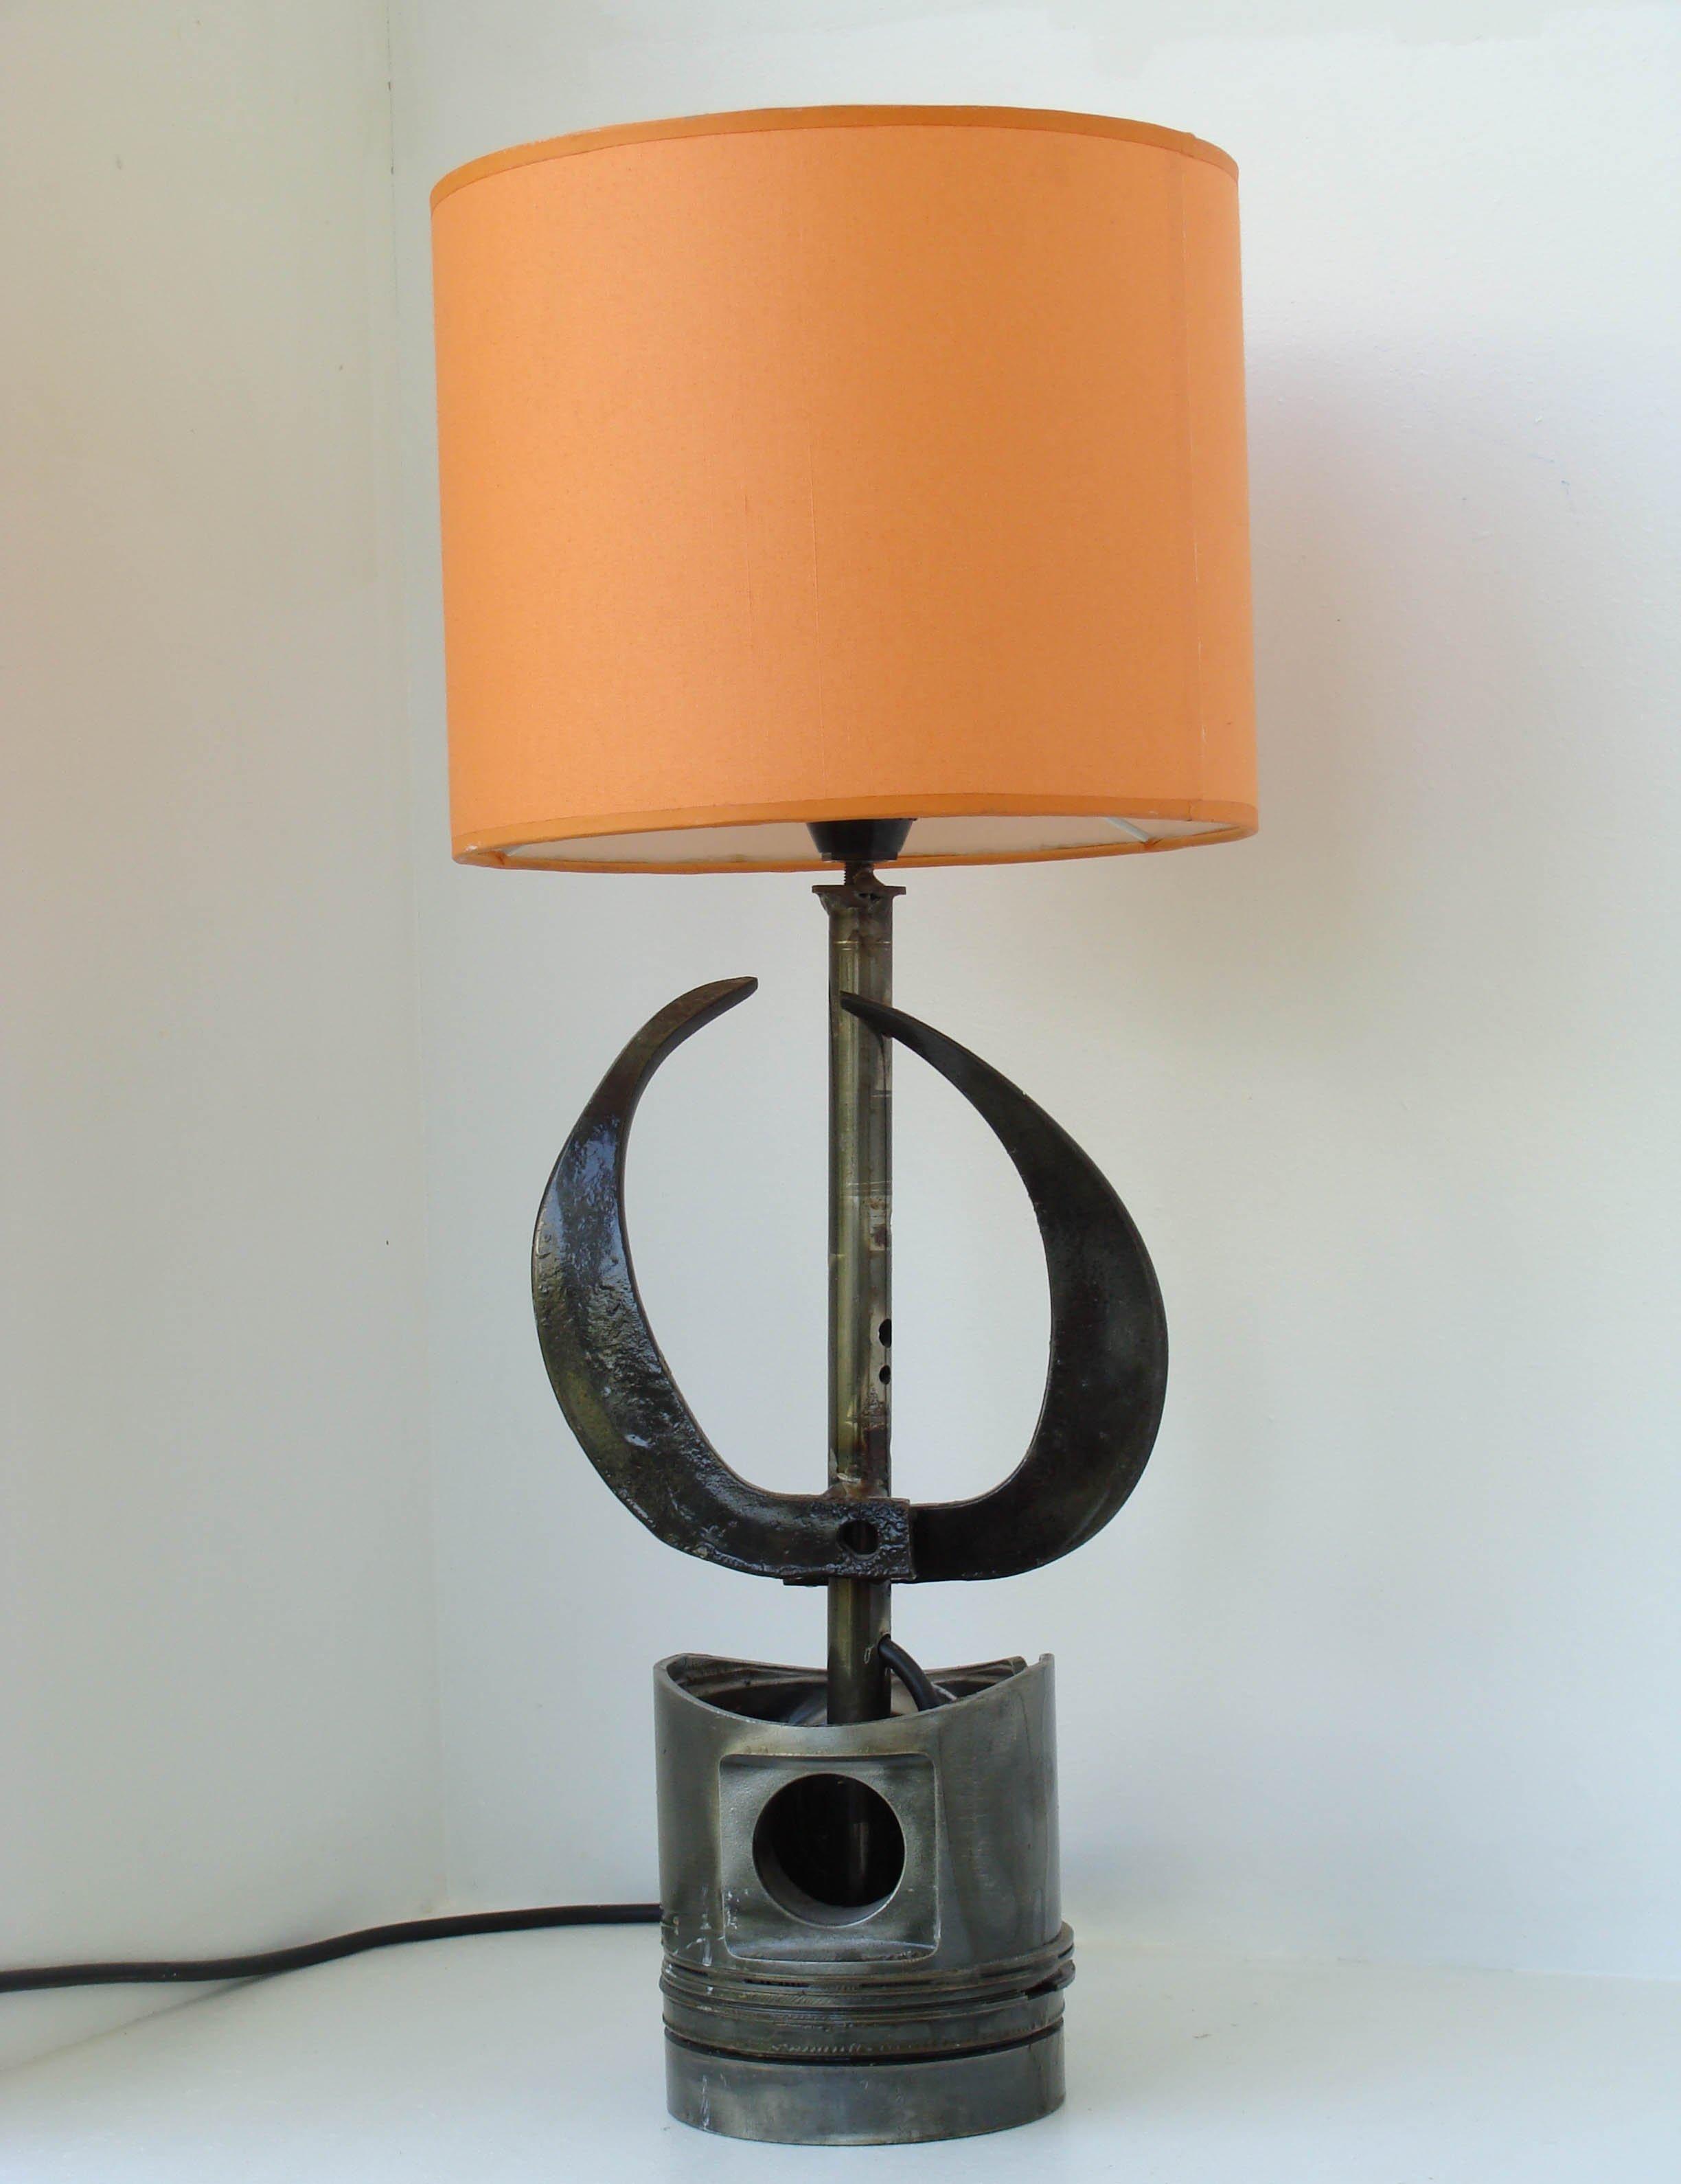 Φωτιστικό από μέταλλο με πορτοκαλί καπέλο